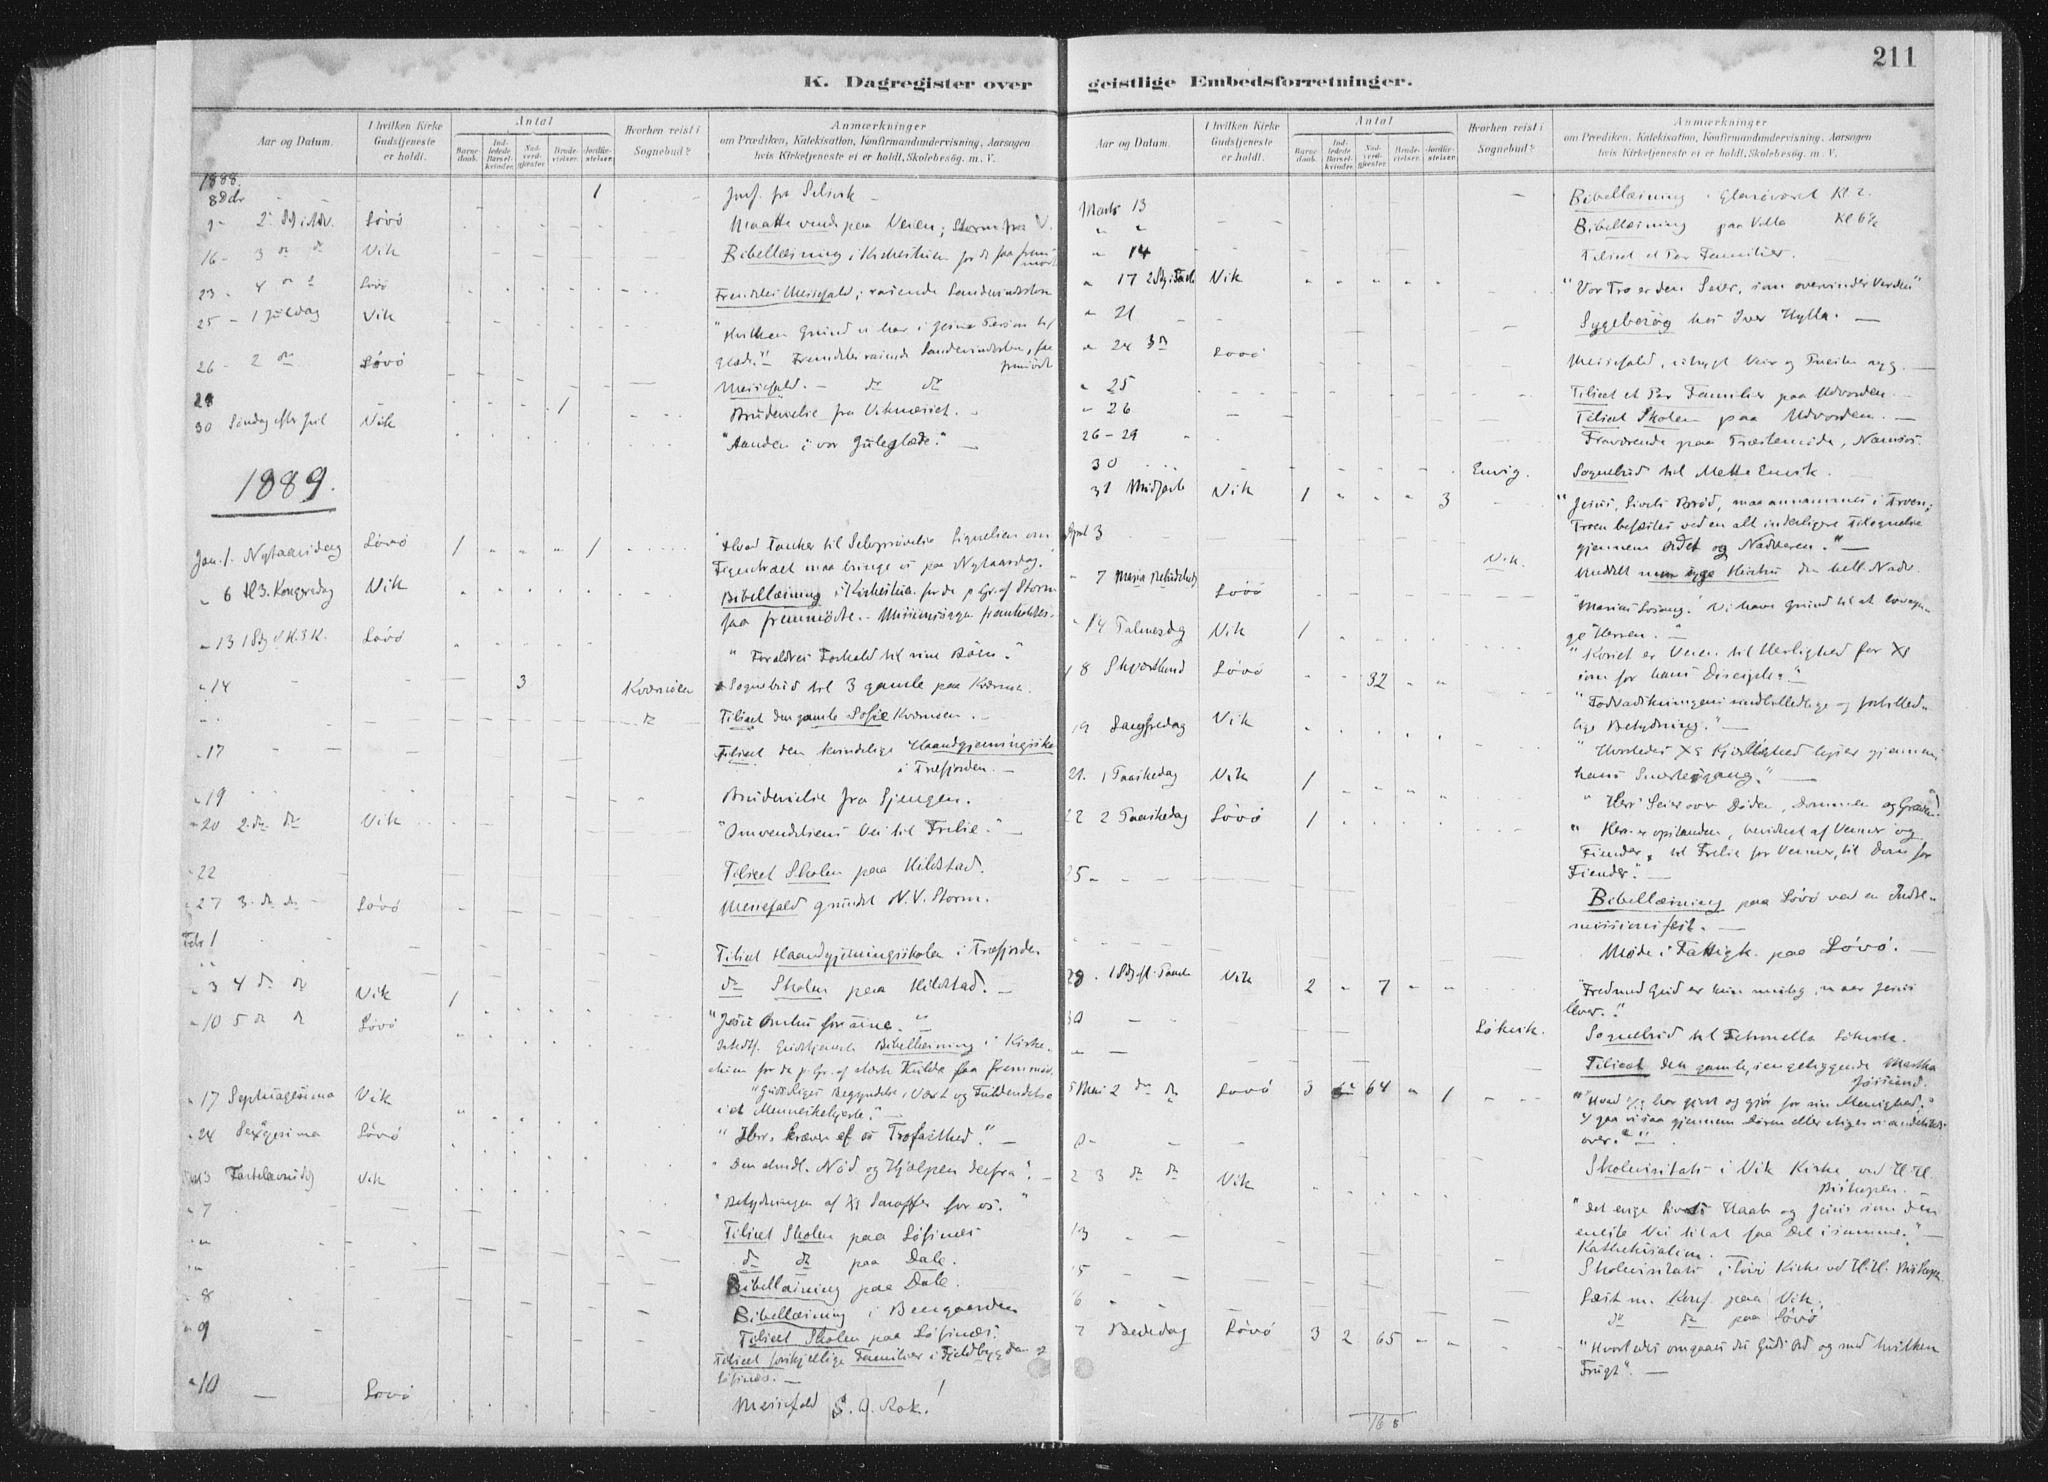 SAT, Ministerialprotokoller, klokkerbøker og fødselsregistre - Nord-Trøndelag, 771/L0597: Ministerialbok nr. 771A04, 1885-1910, s. 211